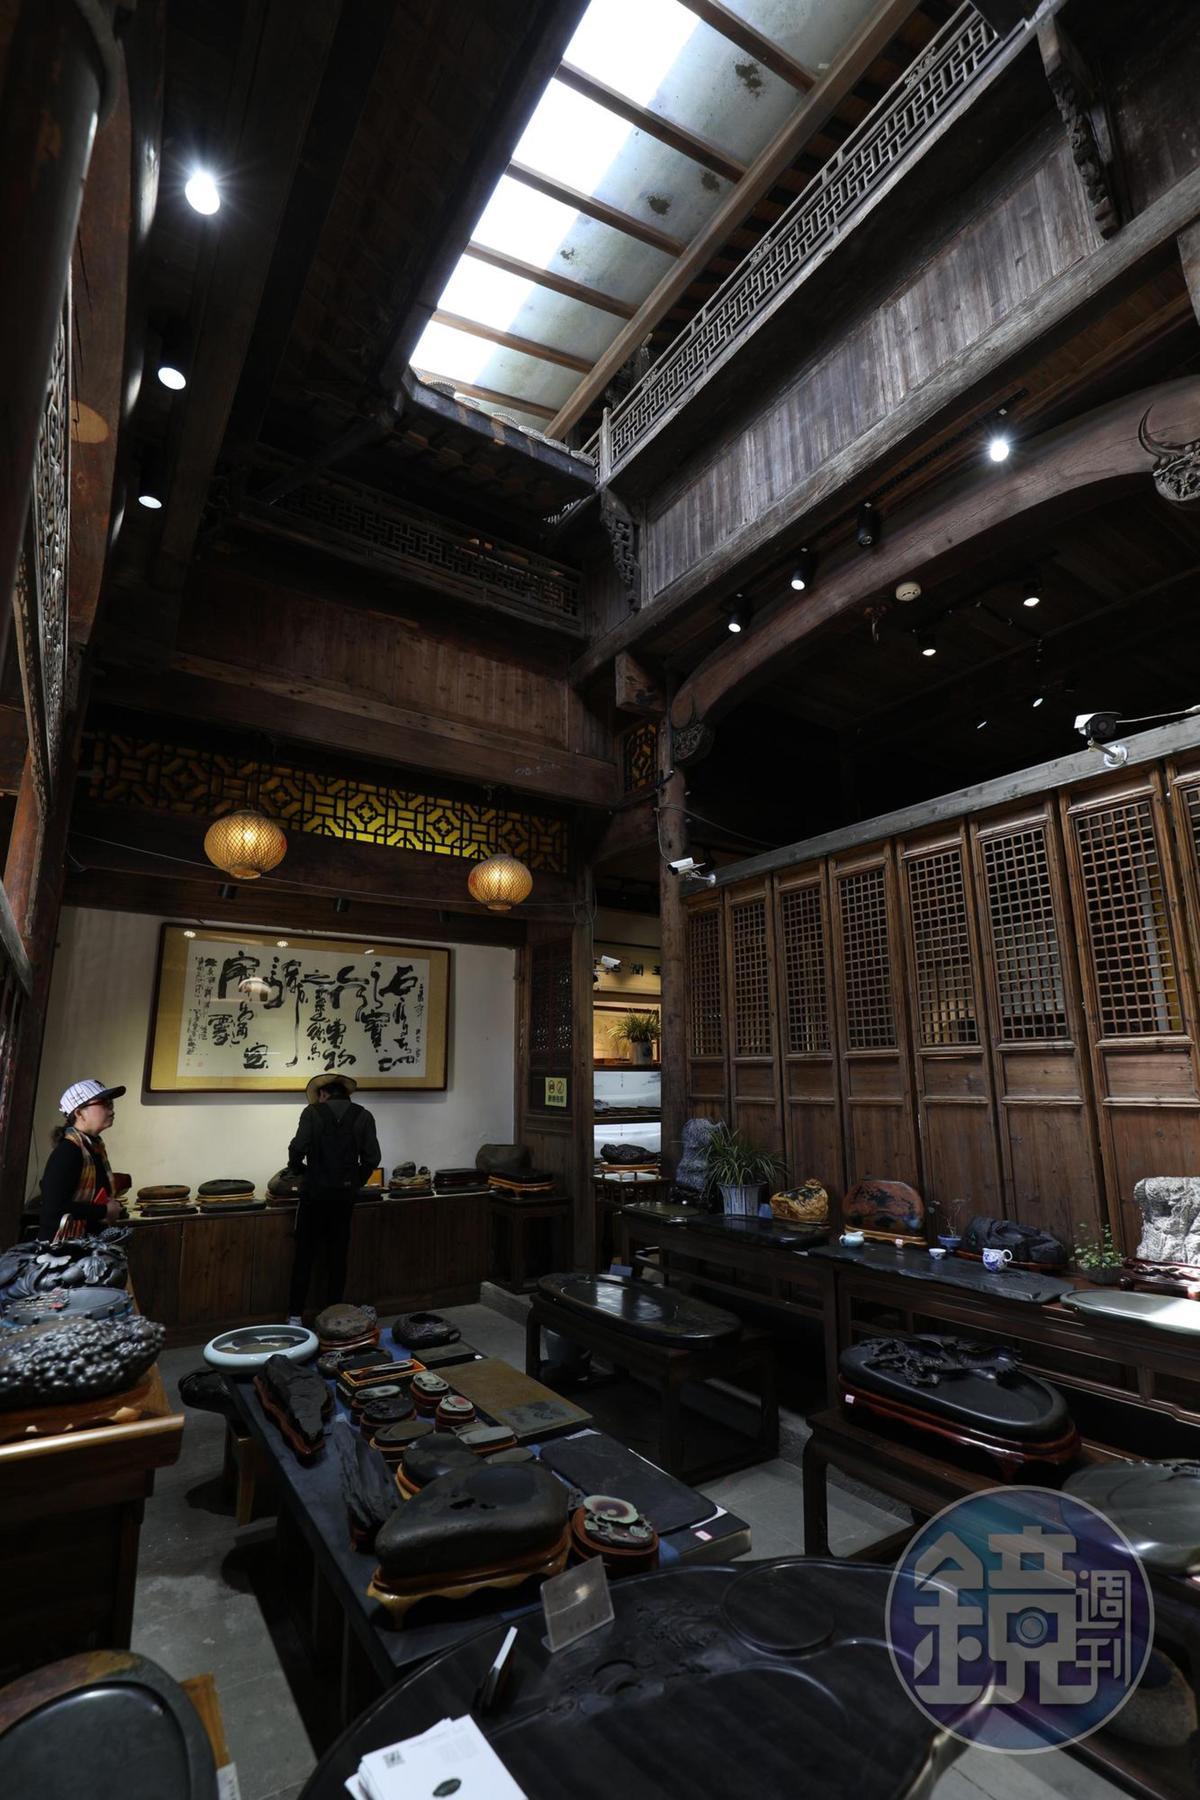 專賣徽墨歙硯的店鋪,在天街上也找得到。